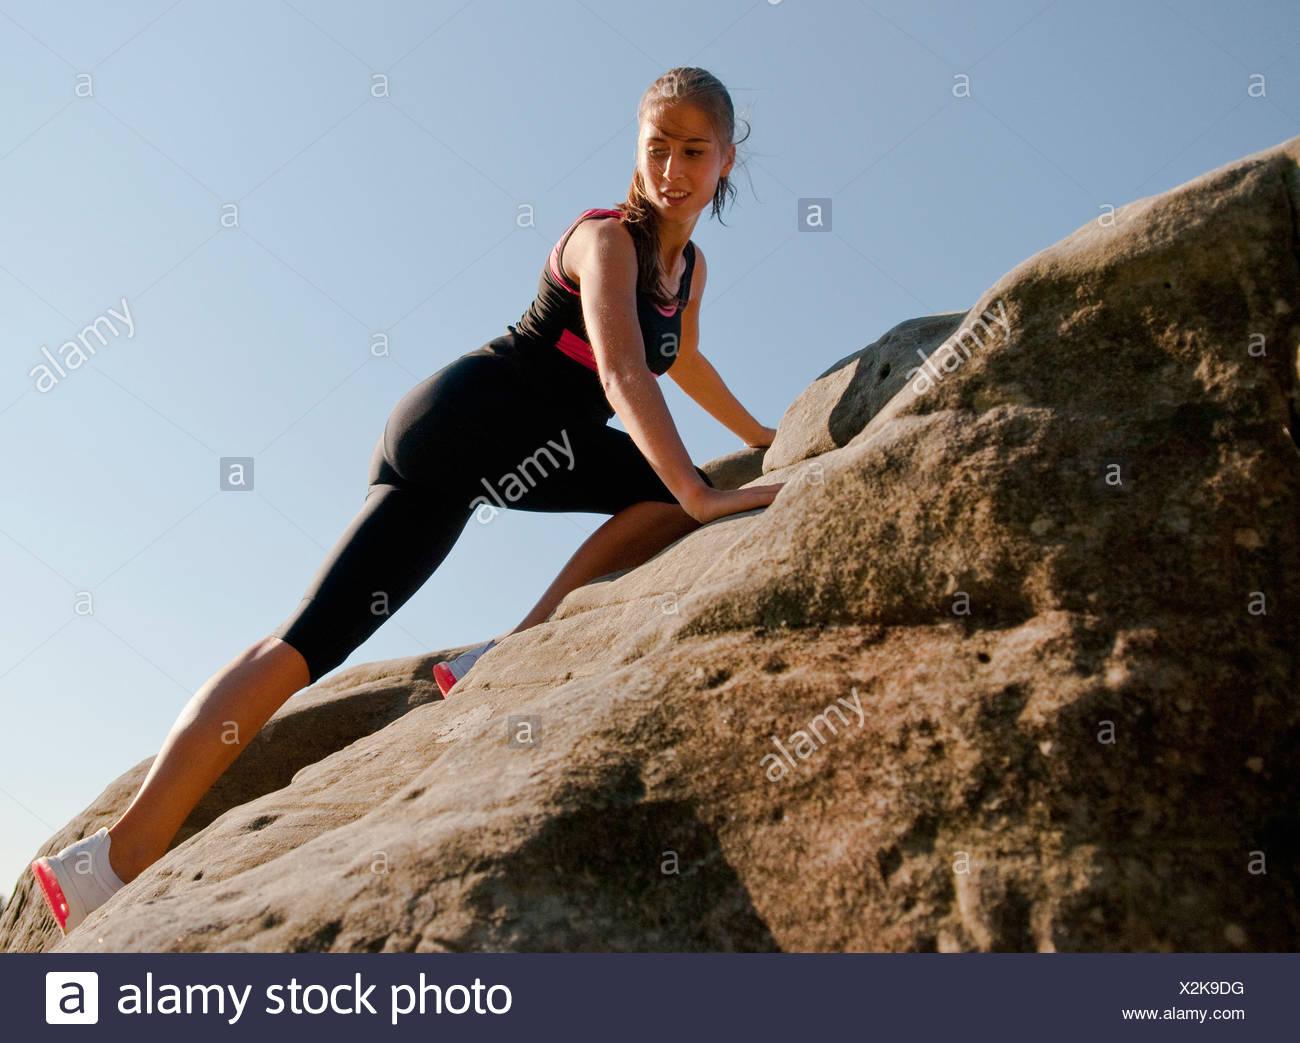 Rock climber scaling rock face - Stock Image